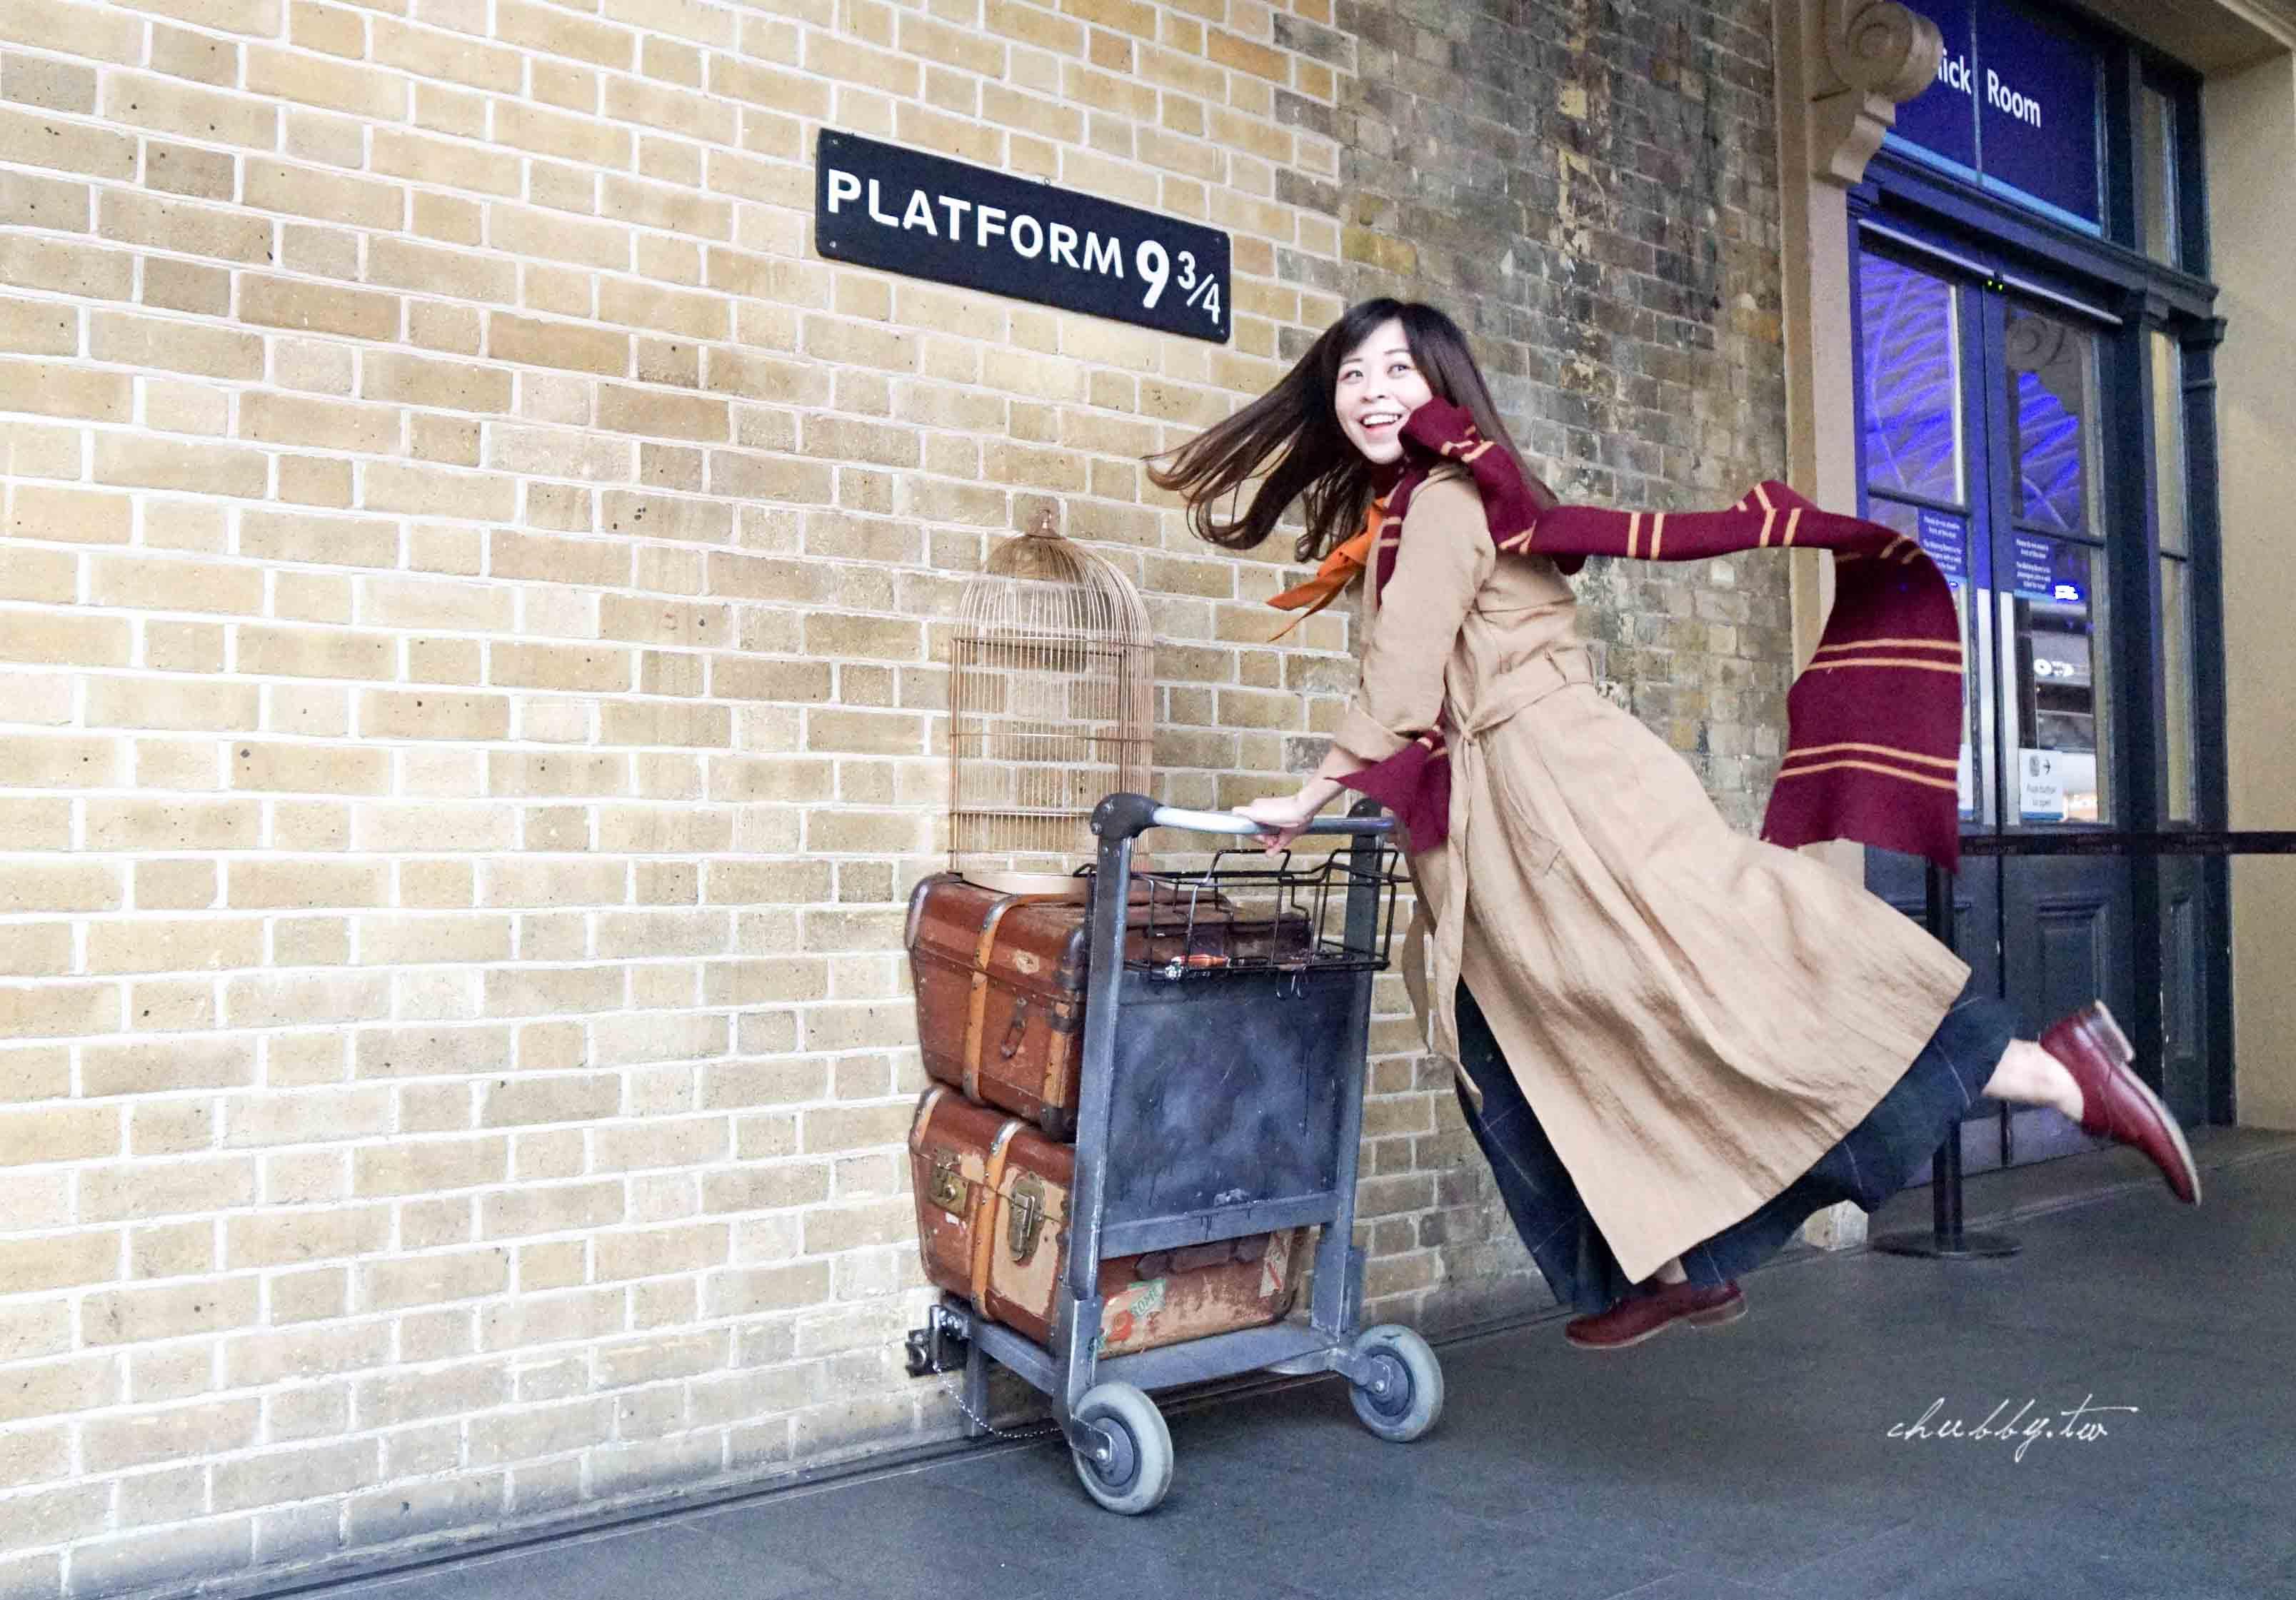 英國遊學心得│倫敦遊學的學費、一日花費、住宿、交通費用、地鐵大攻略